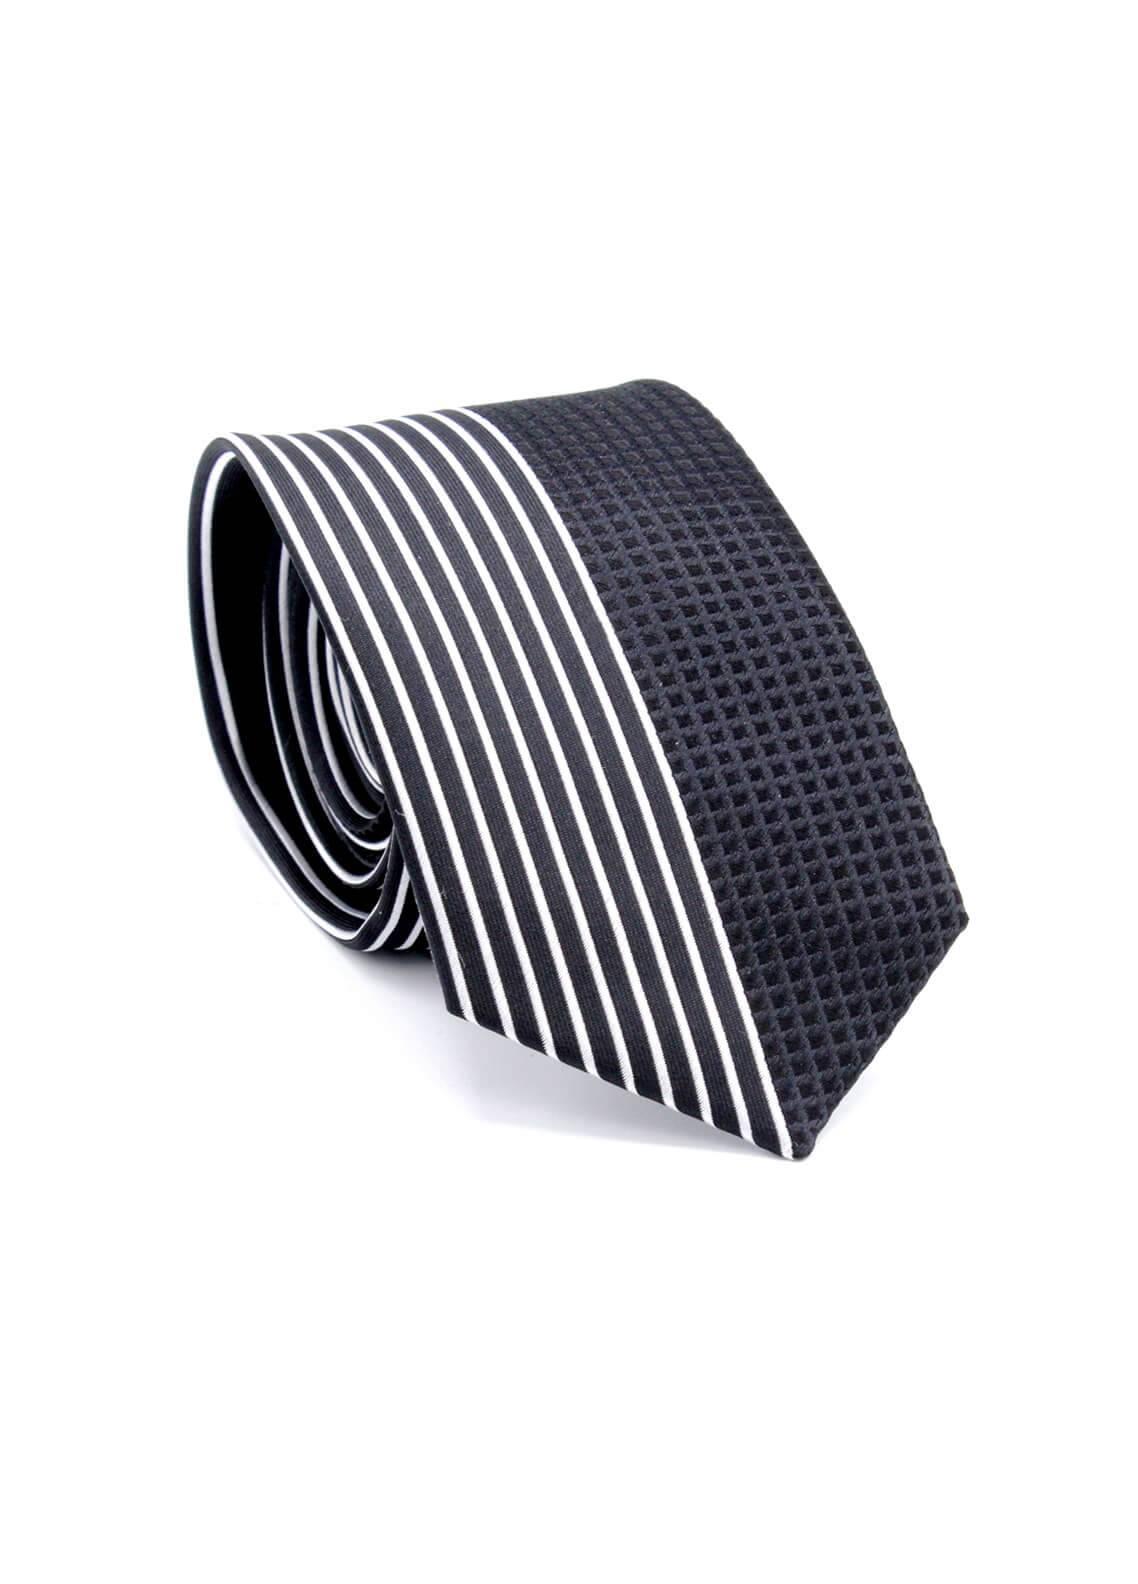 Skangen Multi-Patterned Wool Neck Tie Neck Tie SKTI-S-007 -